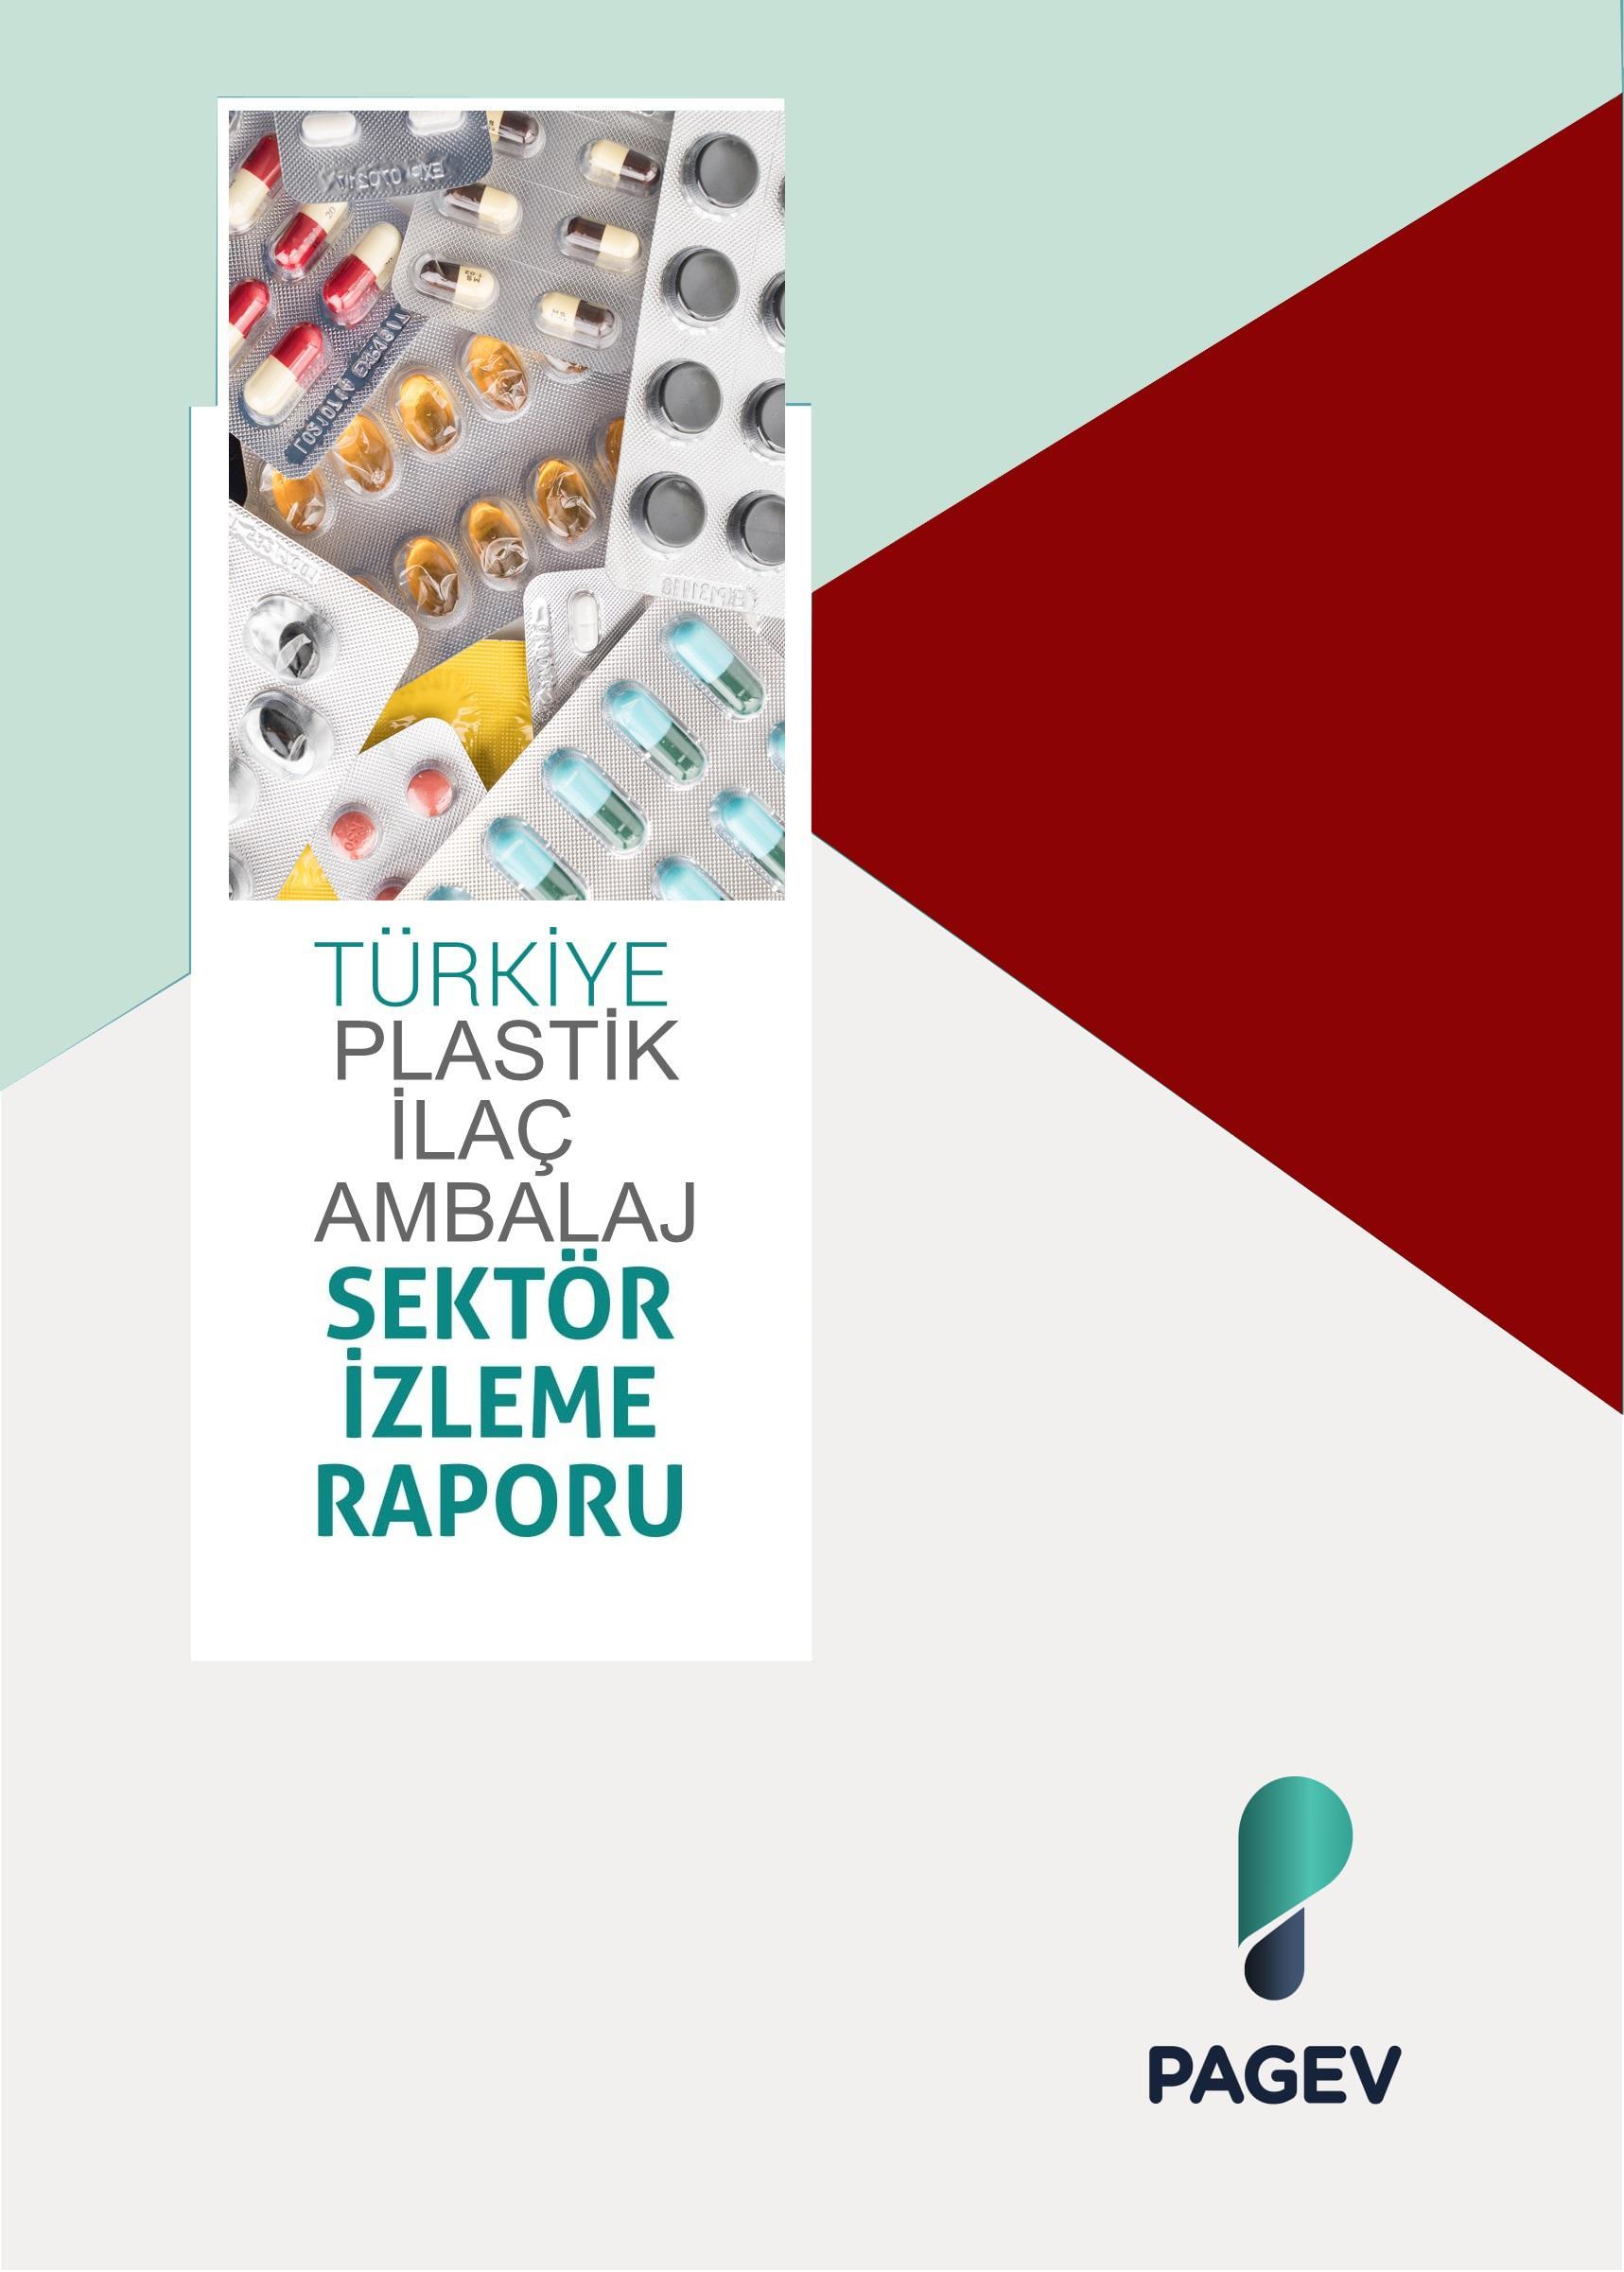 Türkiye Plastik İlaç Ambalaj Sektör İzleme Raporu 2017/6 Aylık (Yıl Sonu Tahminli)